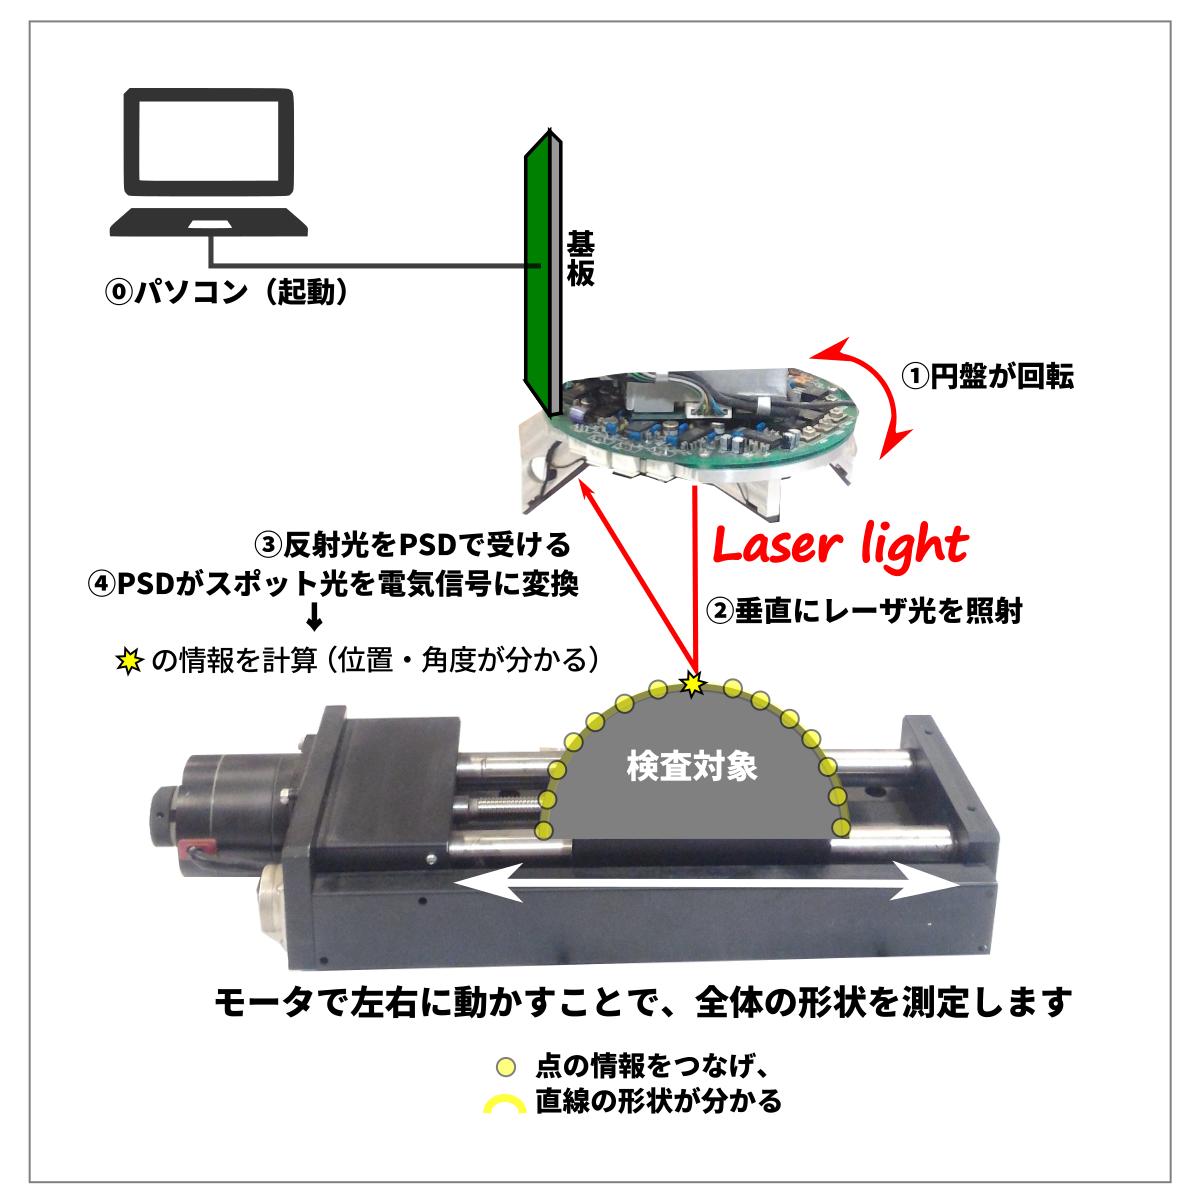 自由曲面形状計測装置の仕組み